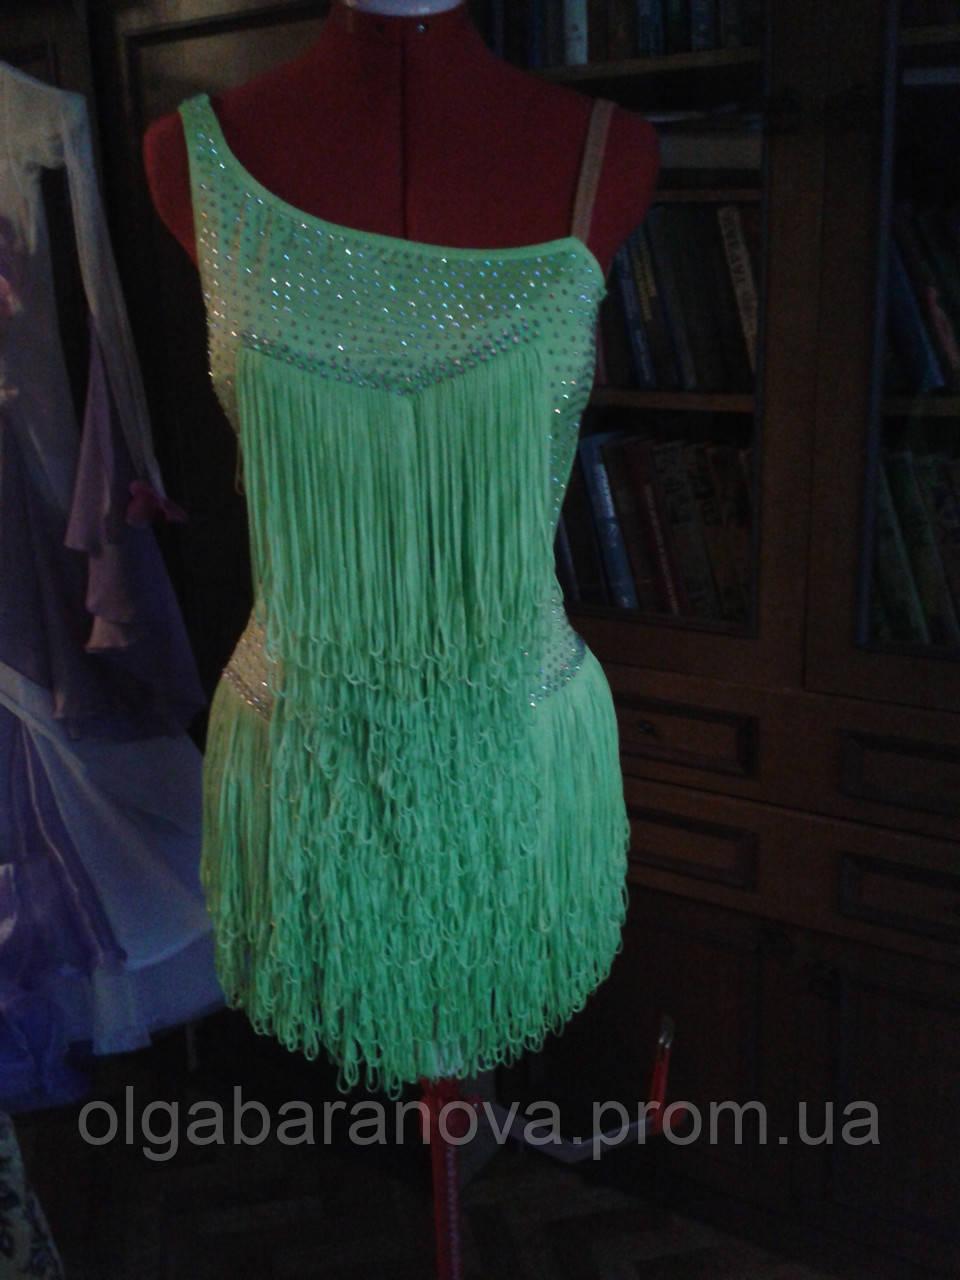 Танцевальные платья из бахромы